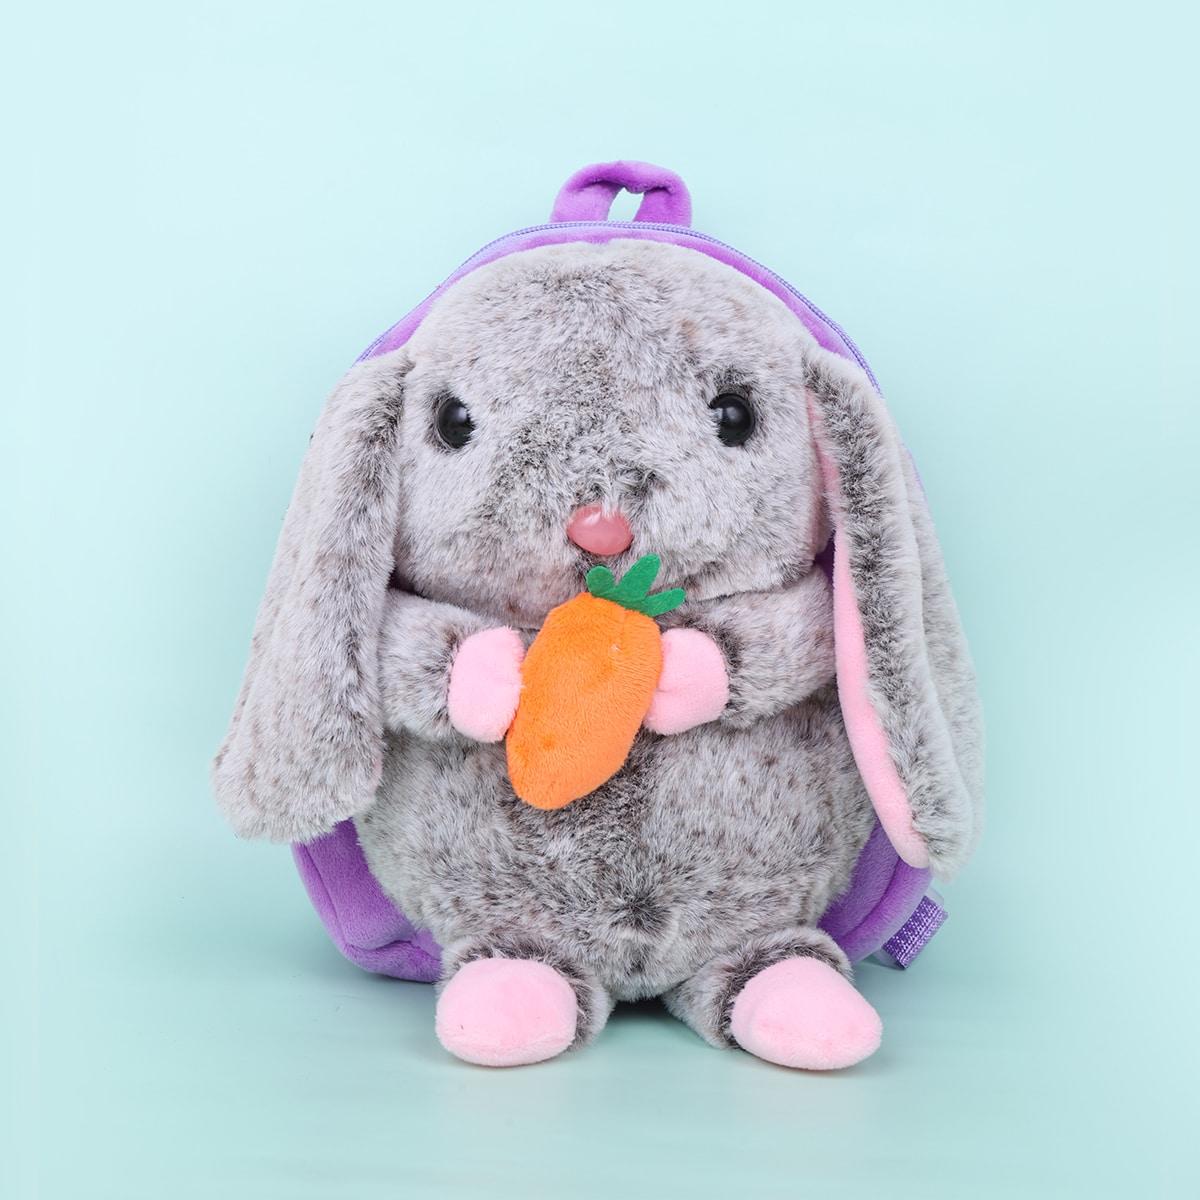 Рюкзак с кроликом для девочек SheIn skbag18210603571